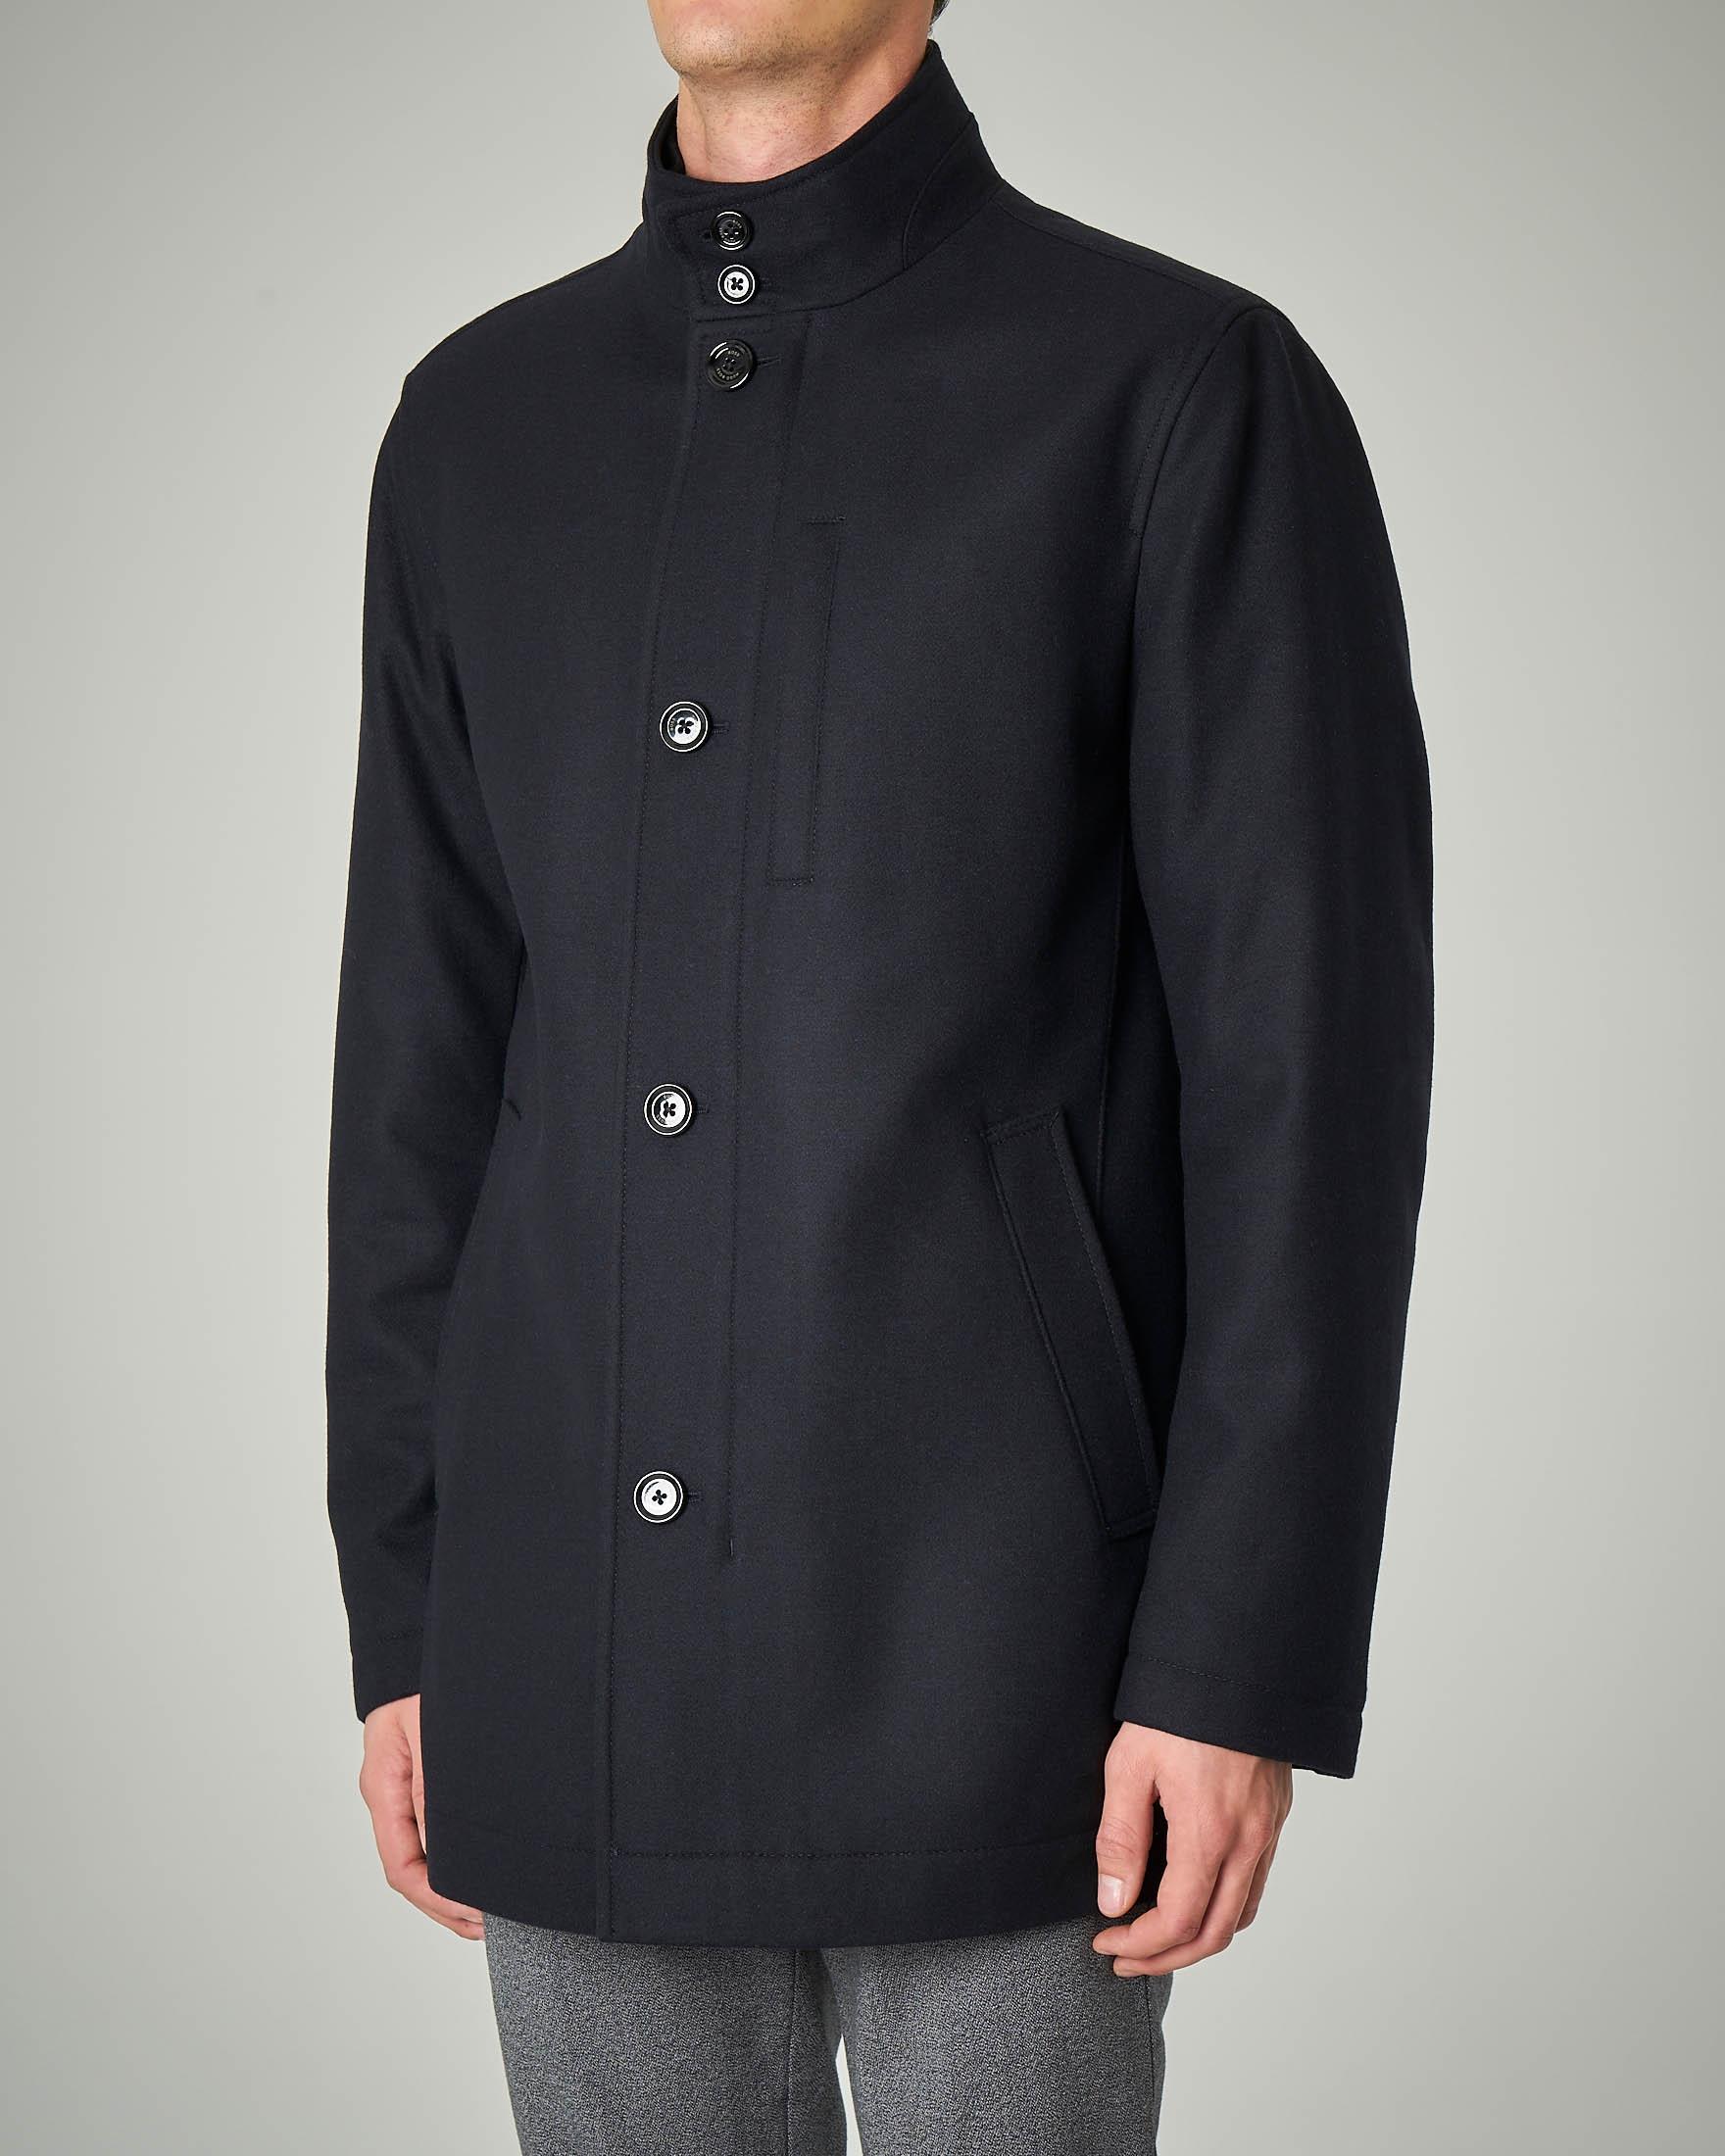 Cappotto corto blu con chiusura a bottoni e zip